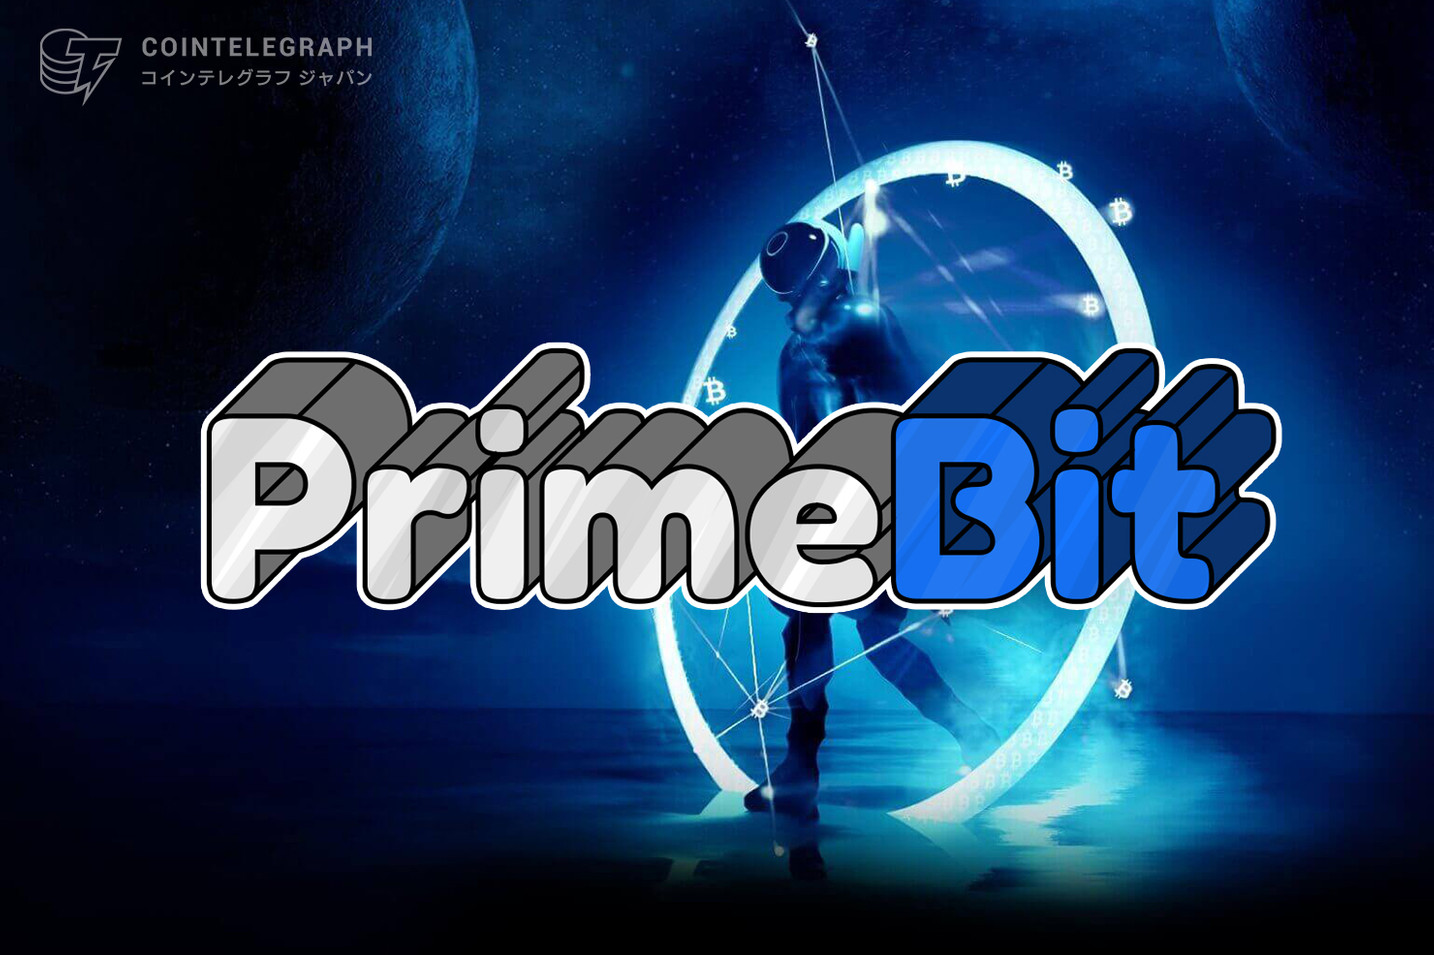 PrimeBitビットコインウィークエンドプロモーションが登場!トレーダーは20%の割引をゲット